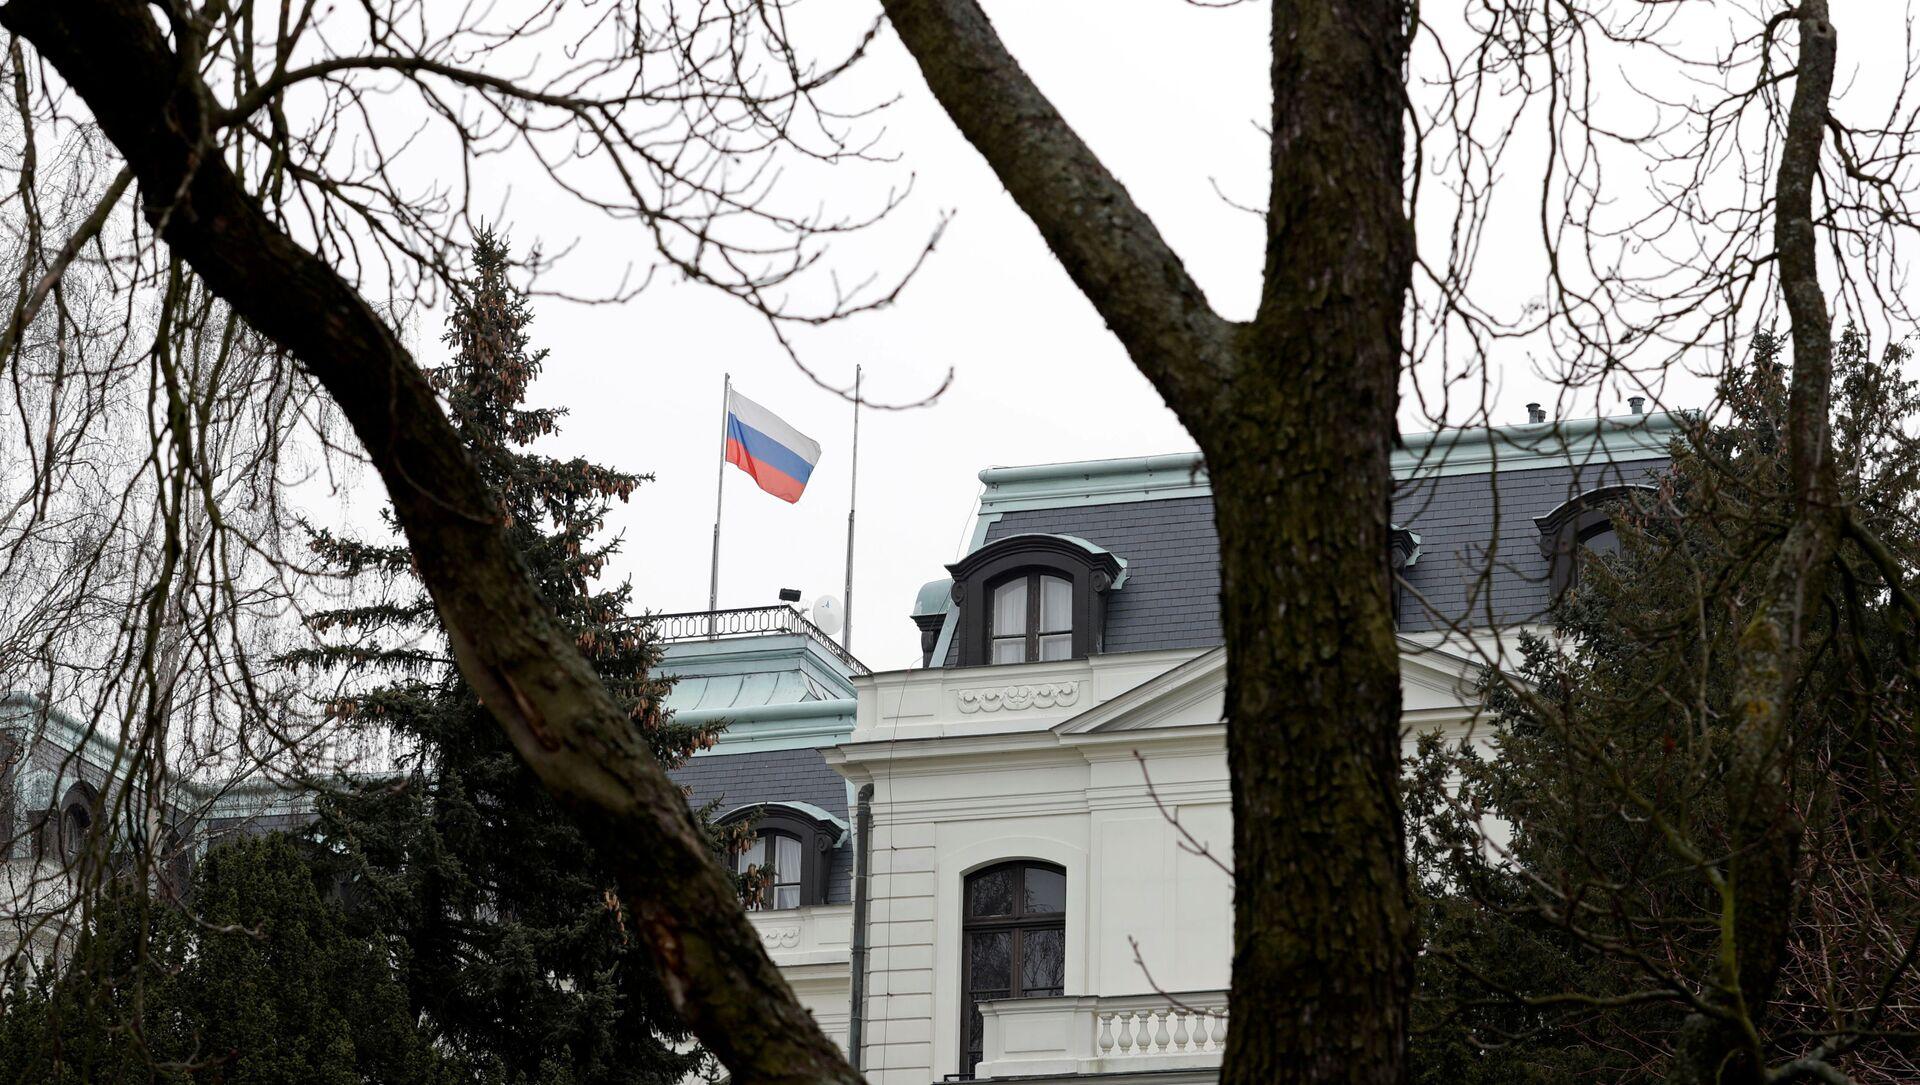 Siedziba ambasady Rosji w Pradze. - Sputnik Polska, 1920, 18.04.2021